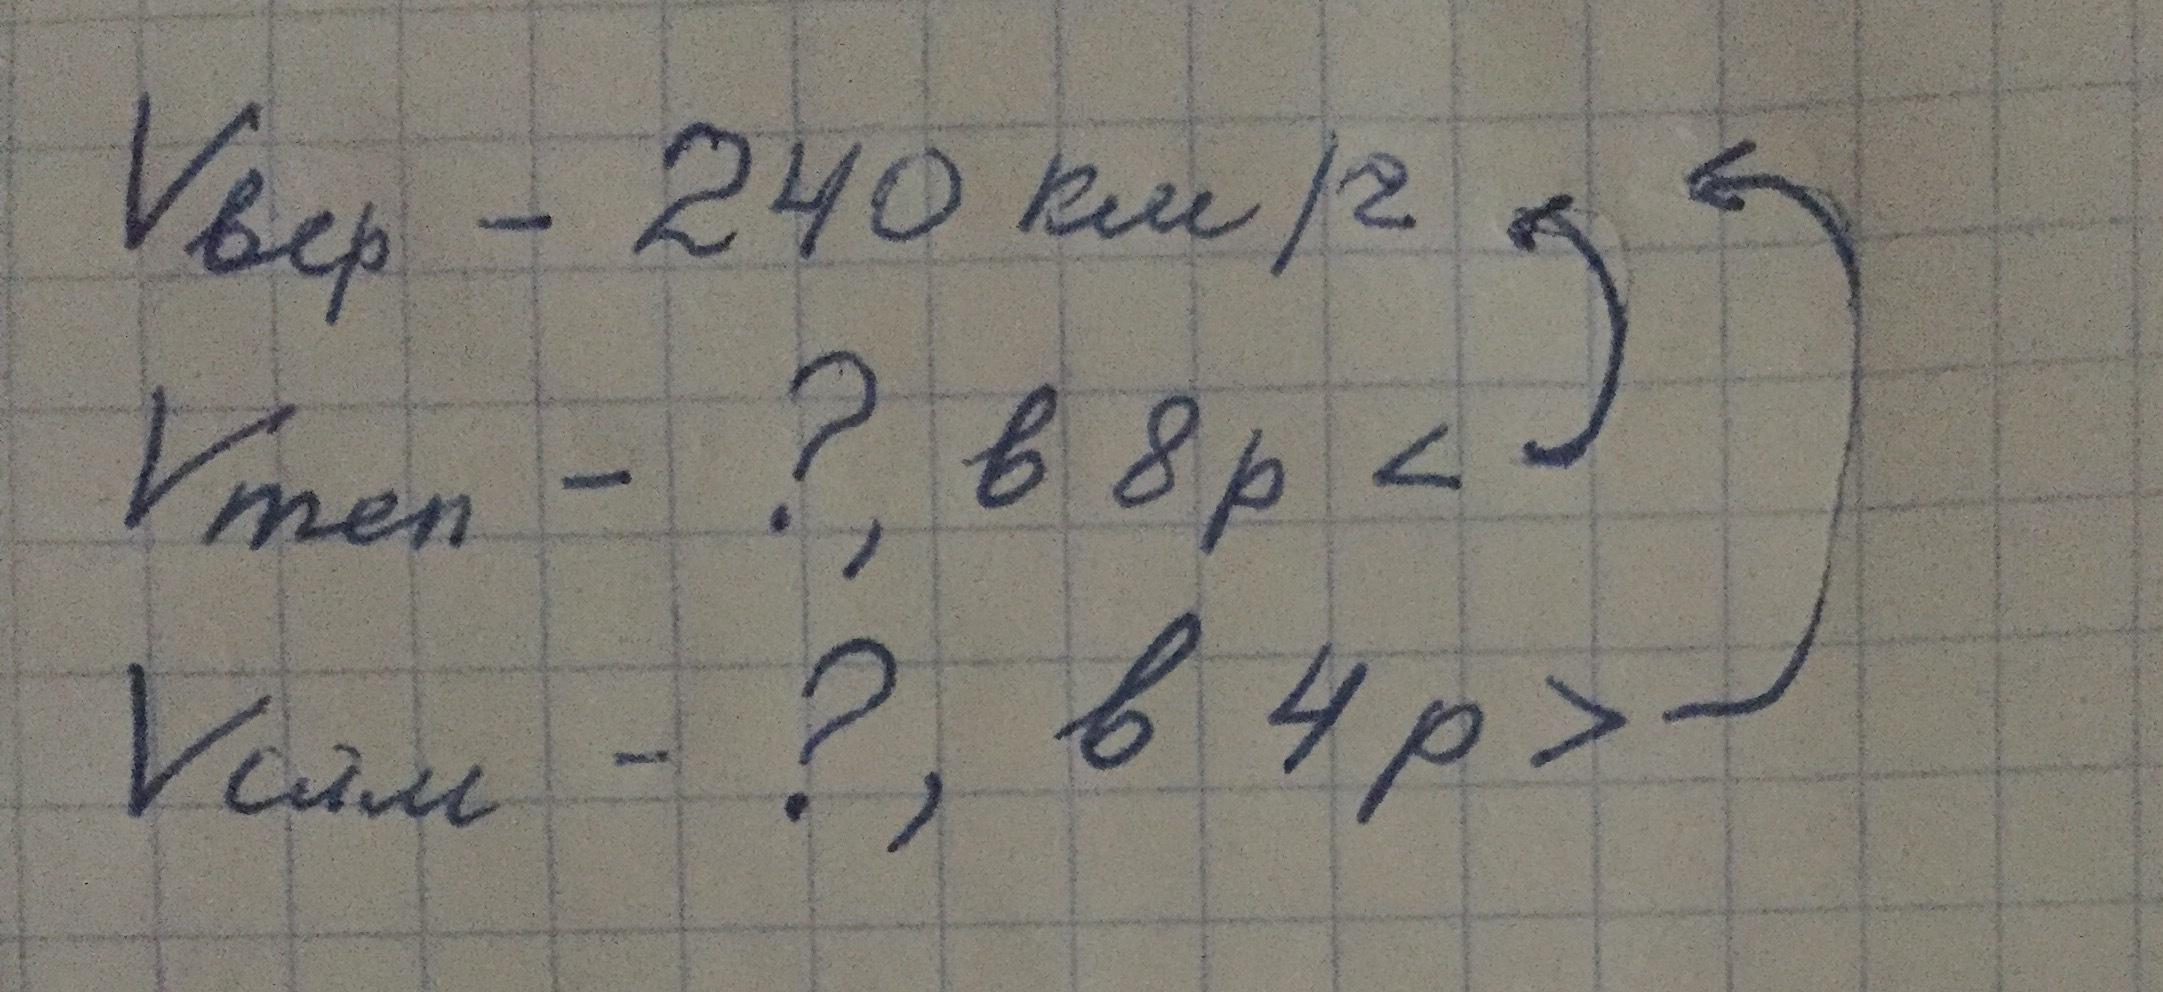 Решение задачи скорость вертолета решение к задачам из демидовича